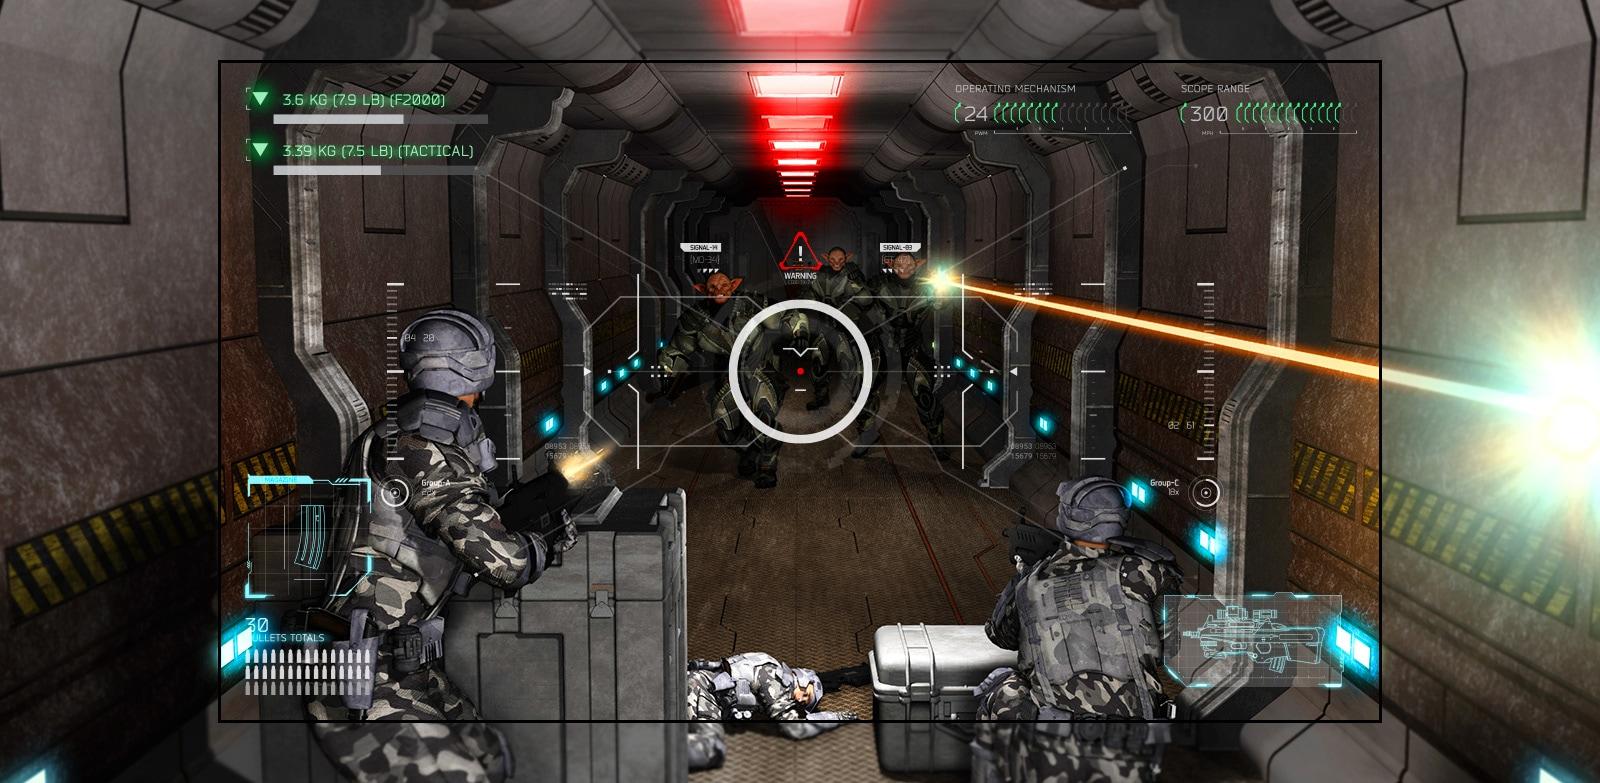 Μια τηλεόραση δείχνει μια σκηνή σε ένα παιχνίδι μάχης όπου εξωγήινοι με όπλα νικούν τον παίκτη.